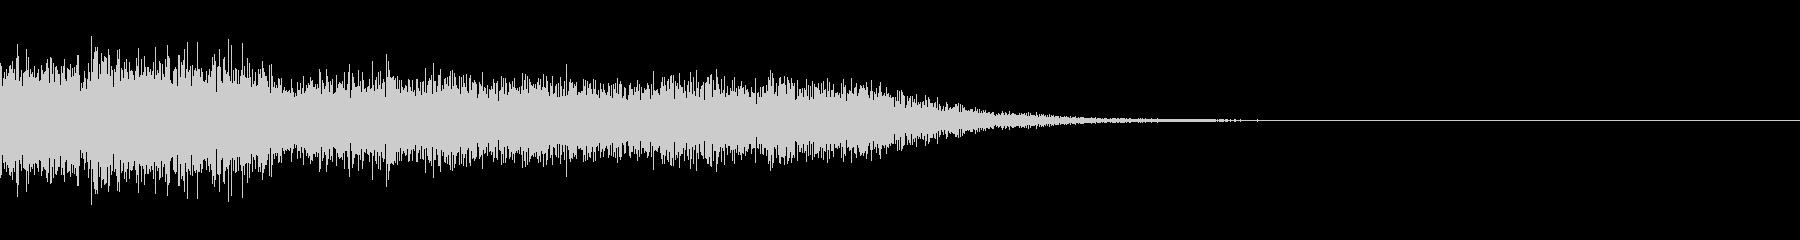 驚き01(ジャジャーン)の未再生の波形